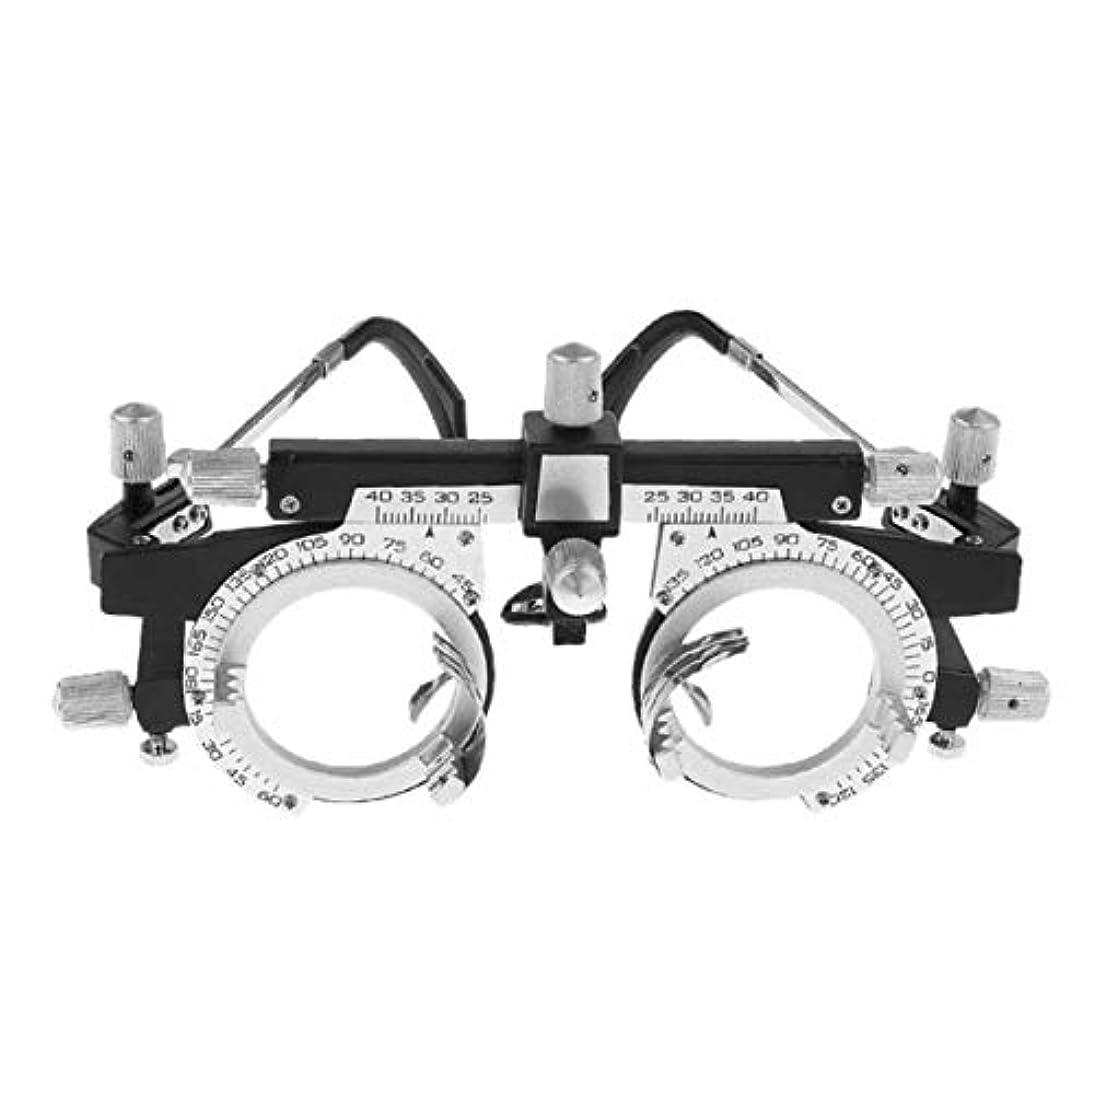 牛爆発物宿命調節可能なプロフェッショナルアイウェア検眼メタルフレーム光学オプティクストライアルレンズメタルフレームPDメガネアクセサリー - シルバー&ブラック